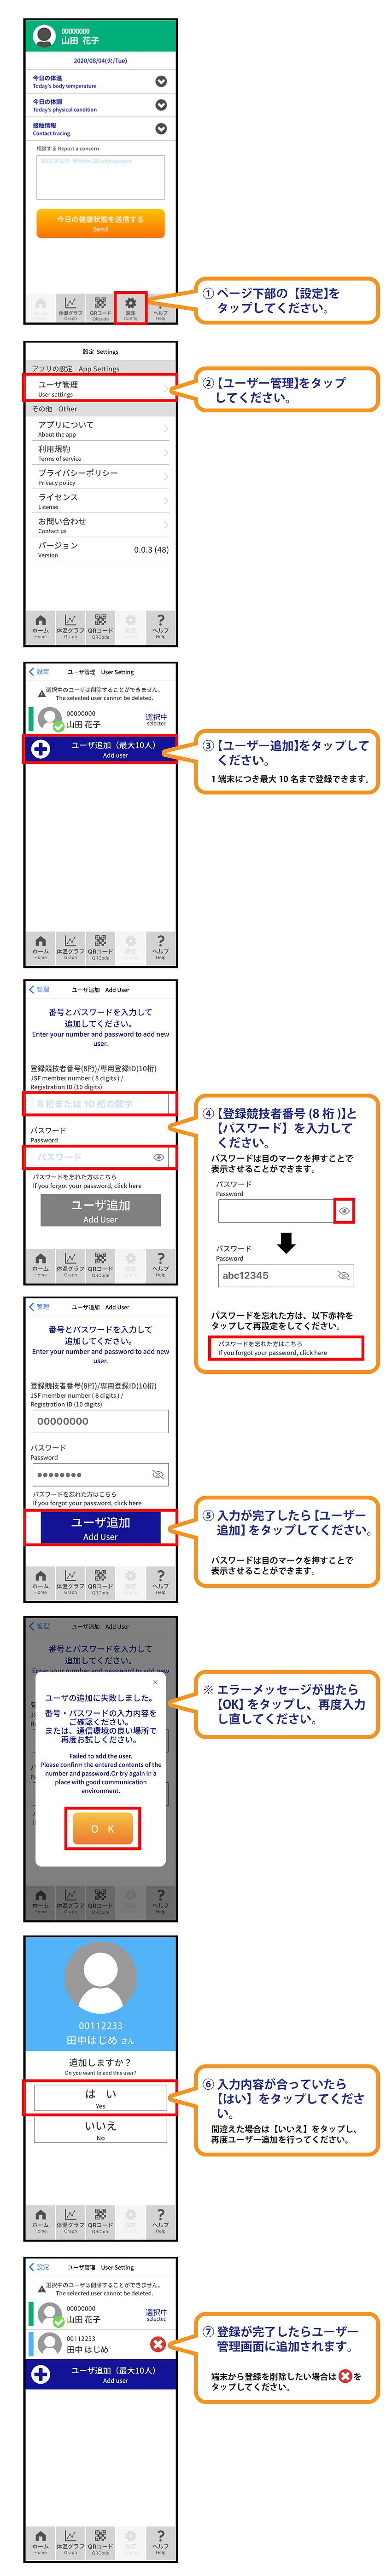 07_ユーザ追加.jpg